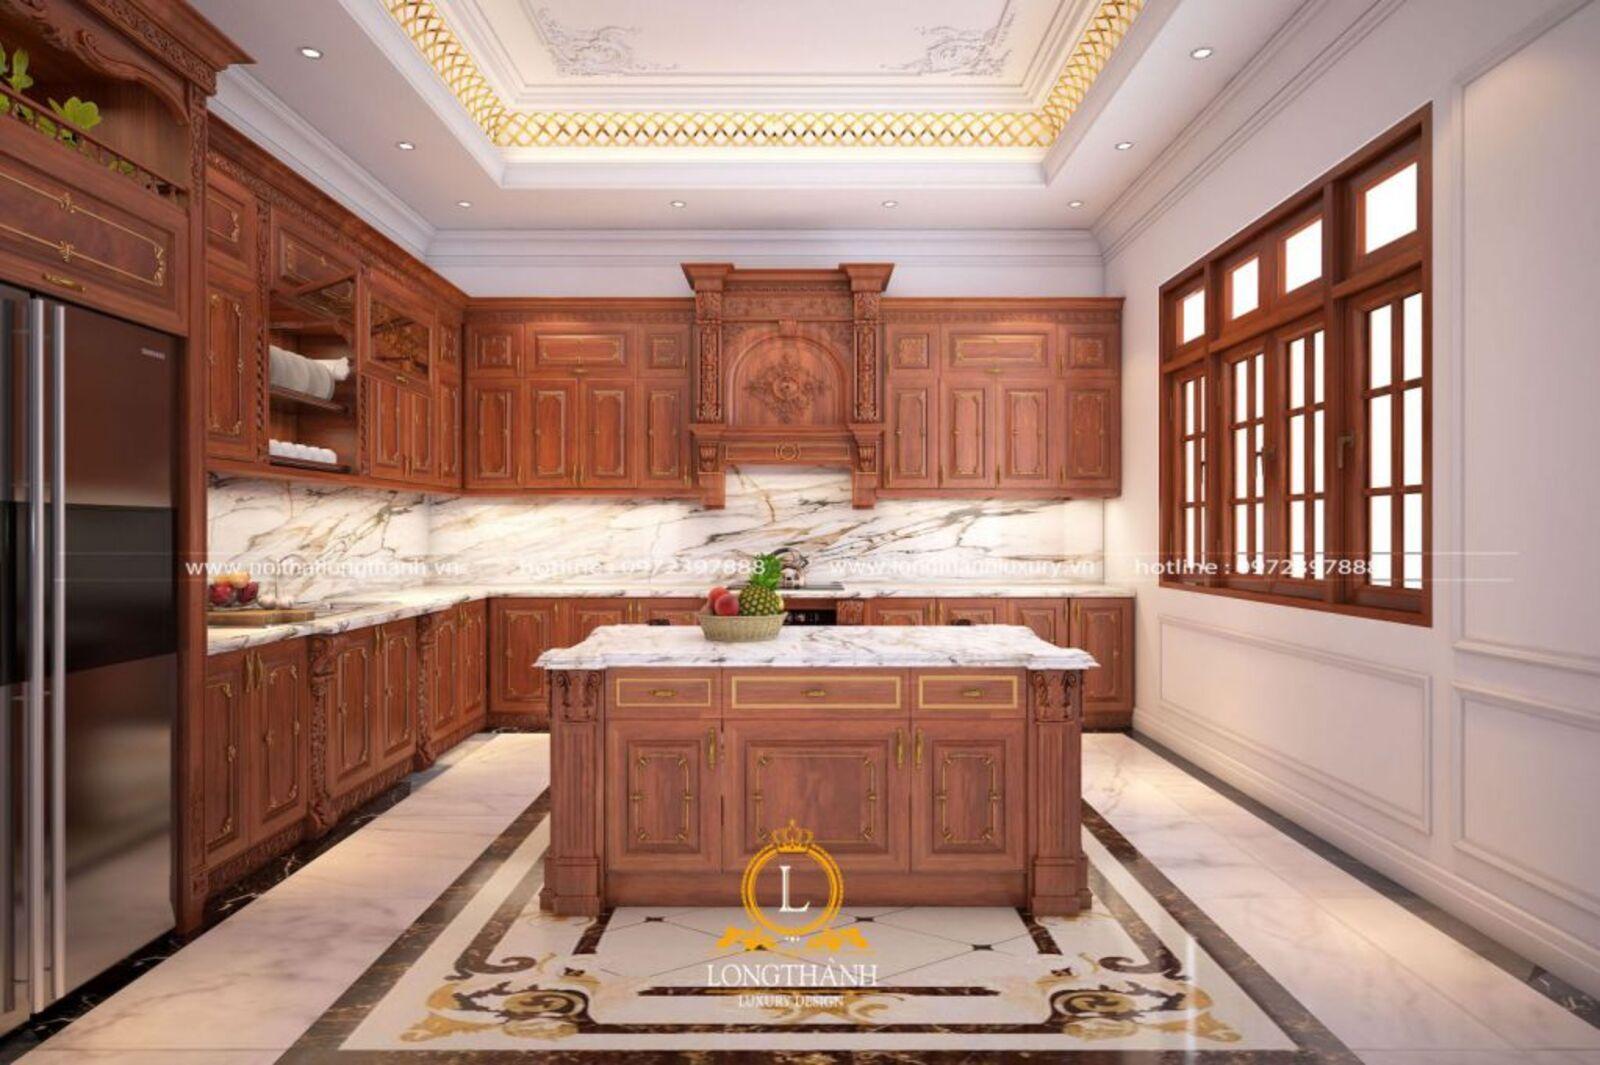 Mẫu tủ bếp tân cổ điển đẹp cho căn bếp nhà phố